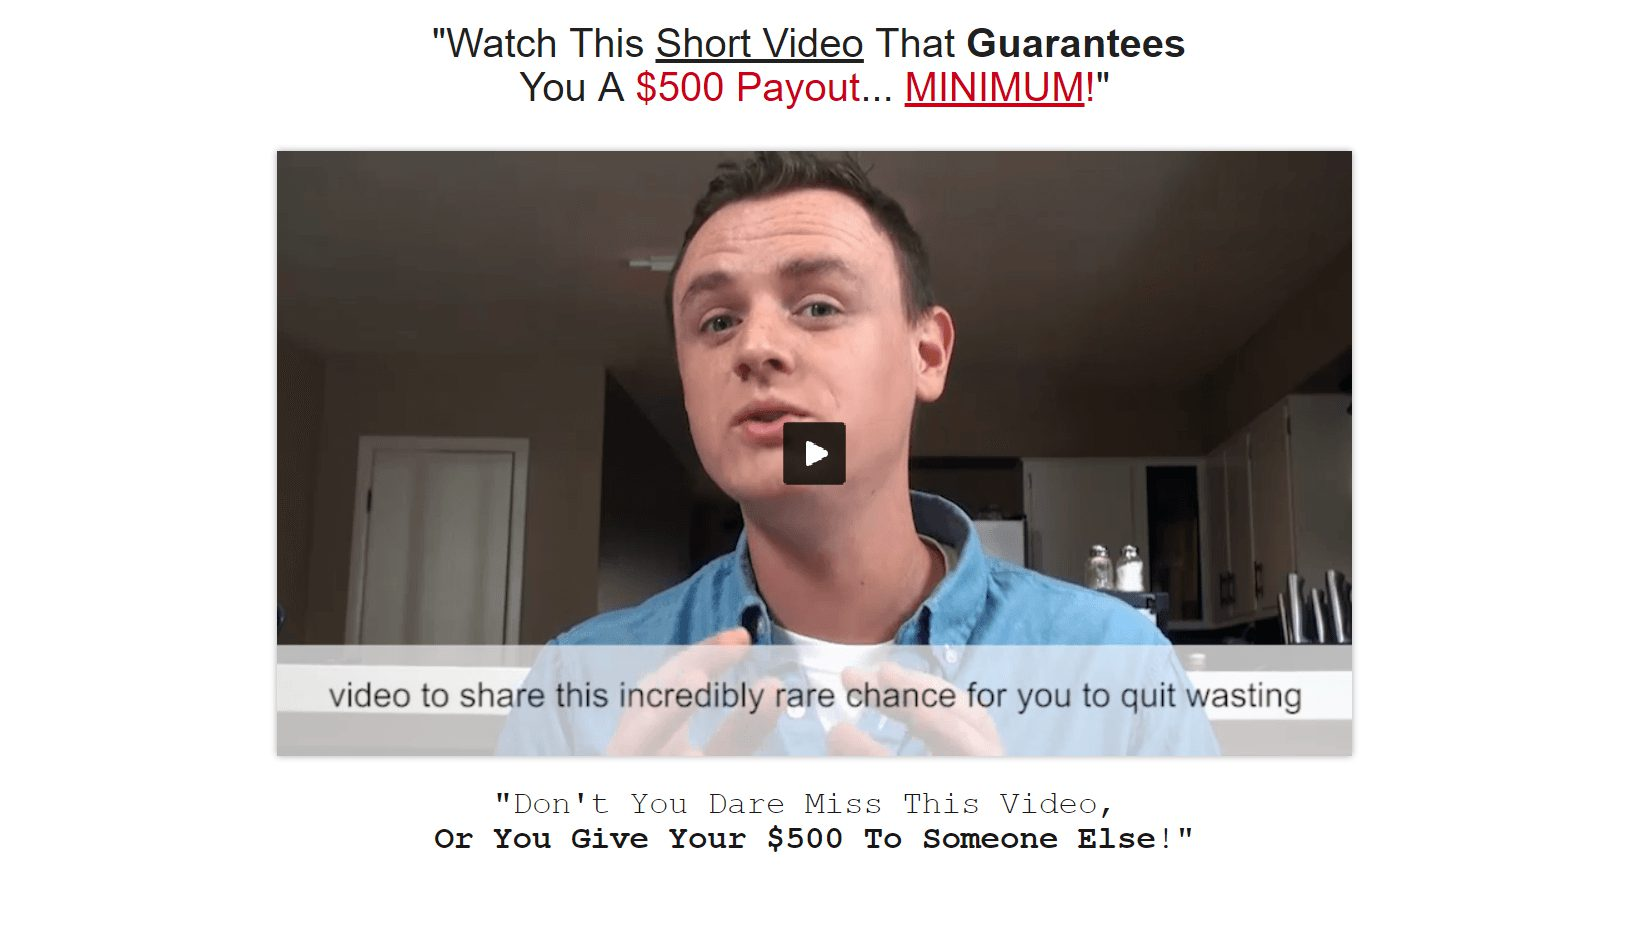 is cash with matt a scam